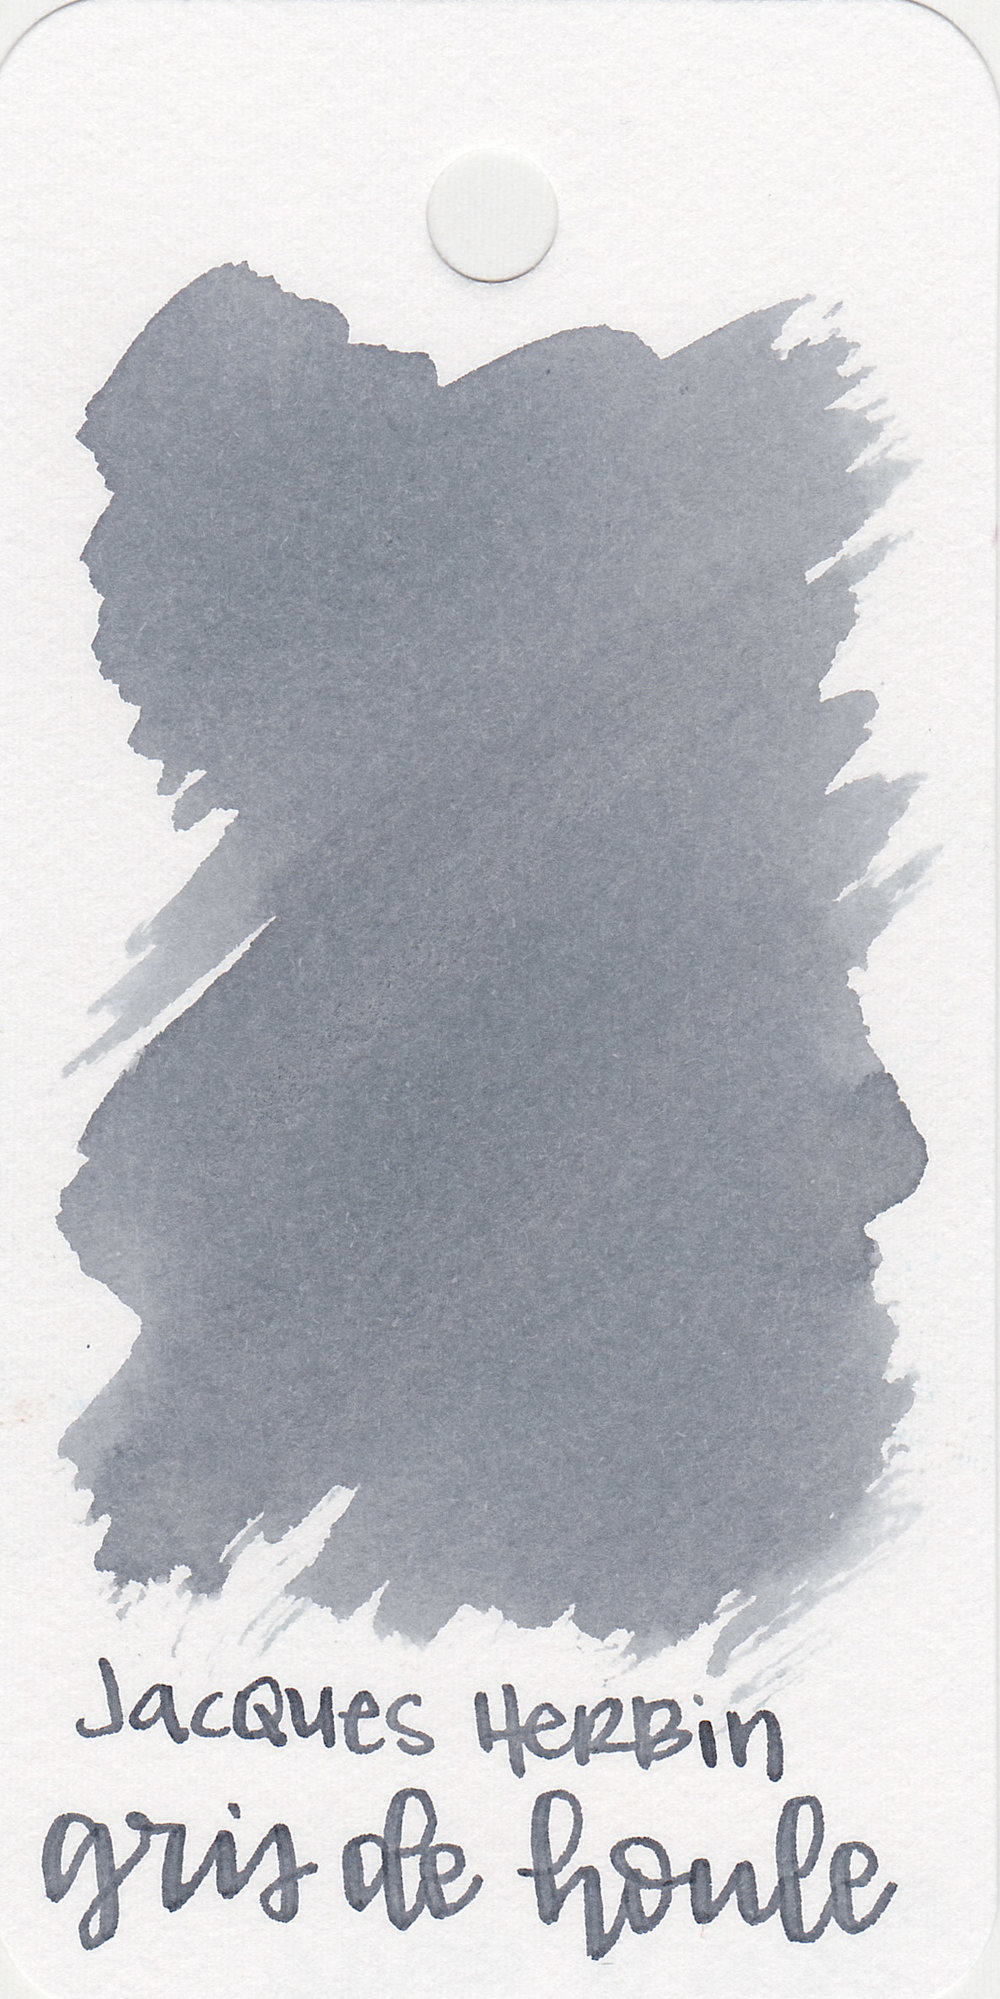 The color: - Gris de Houle is a medium cool grey.